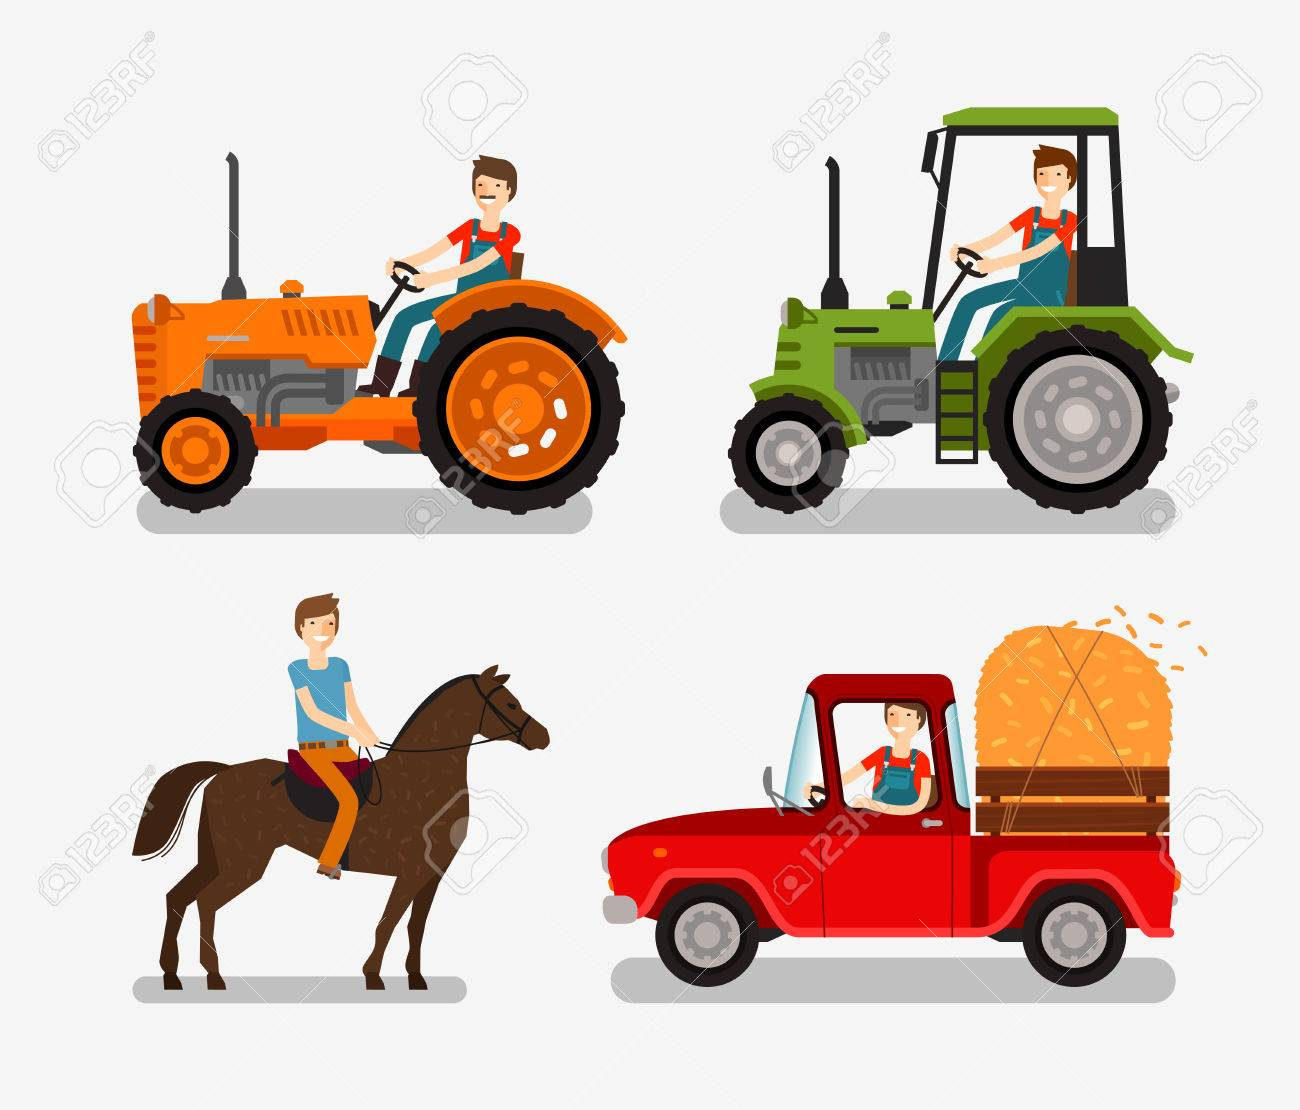 Iconos De Granja Símbolo De Dibujos Animados Tales Como Tractores Camiones Caballo Granjero Ilustración Vectorial Ilustraciones Vectoriales Clip Art Vectorizado Libre De Derechos Image 61268382